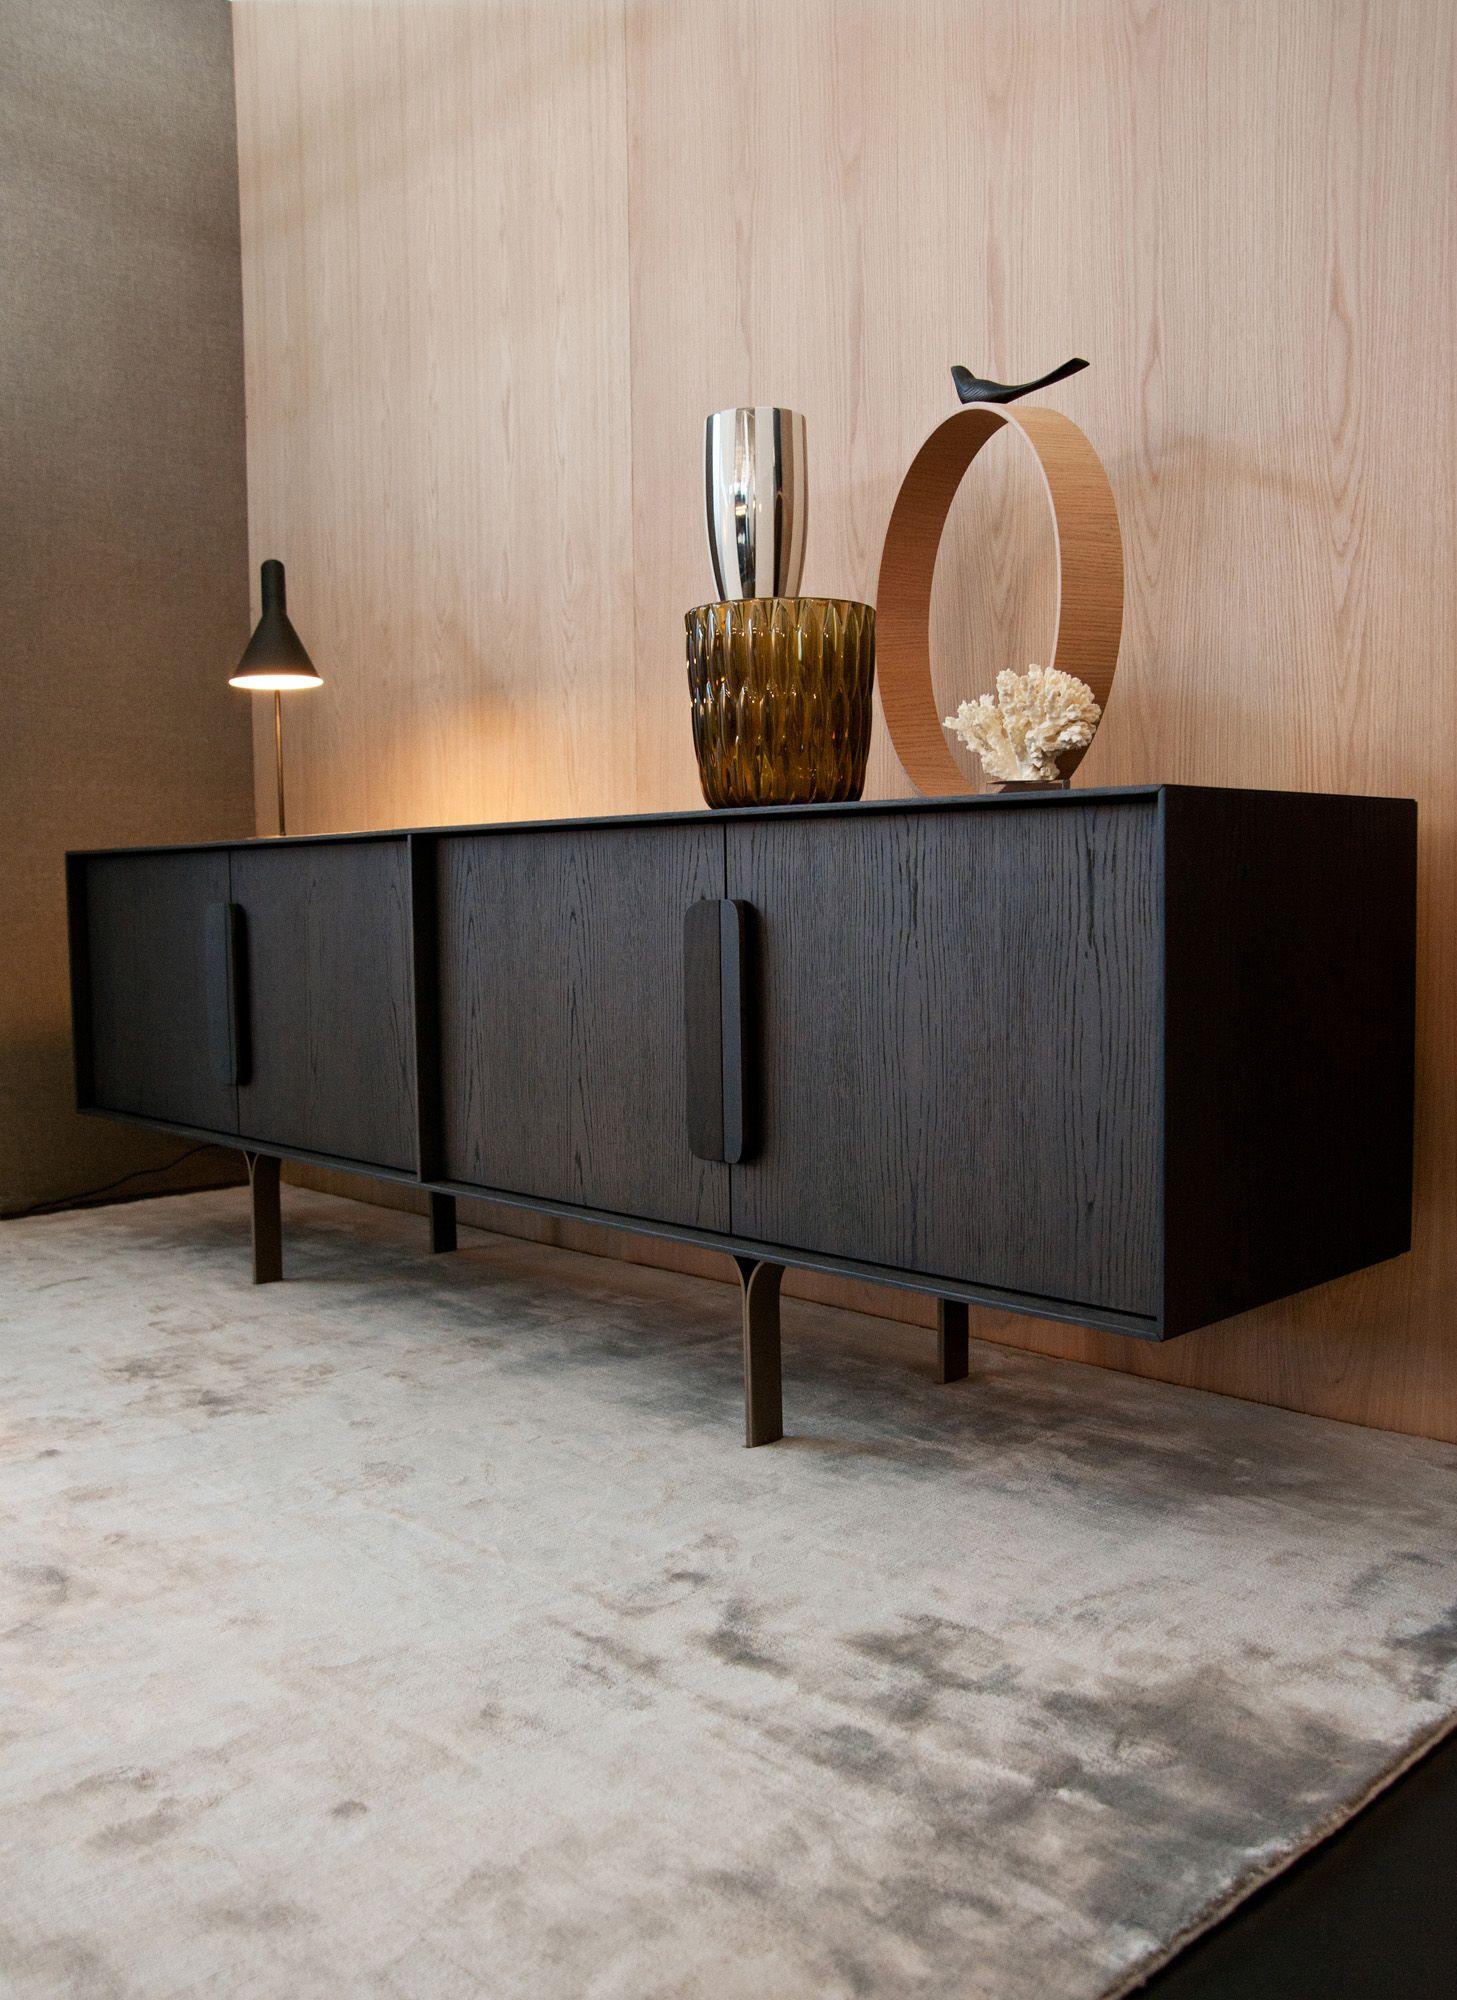 Ein Modernes Edles Sideboard Von Al2 Sideboard Modern